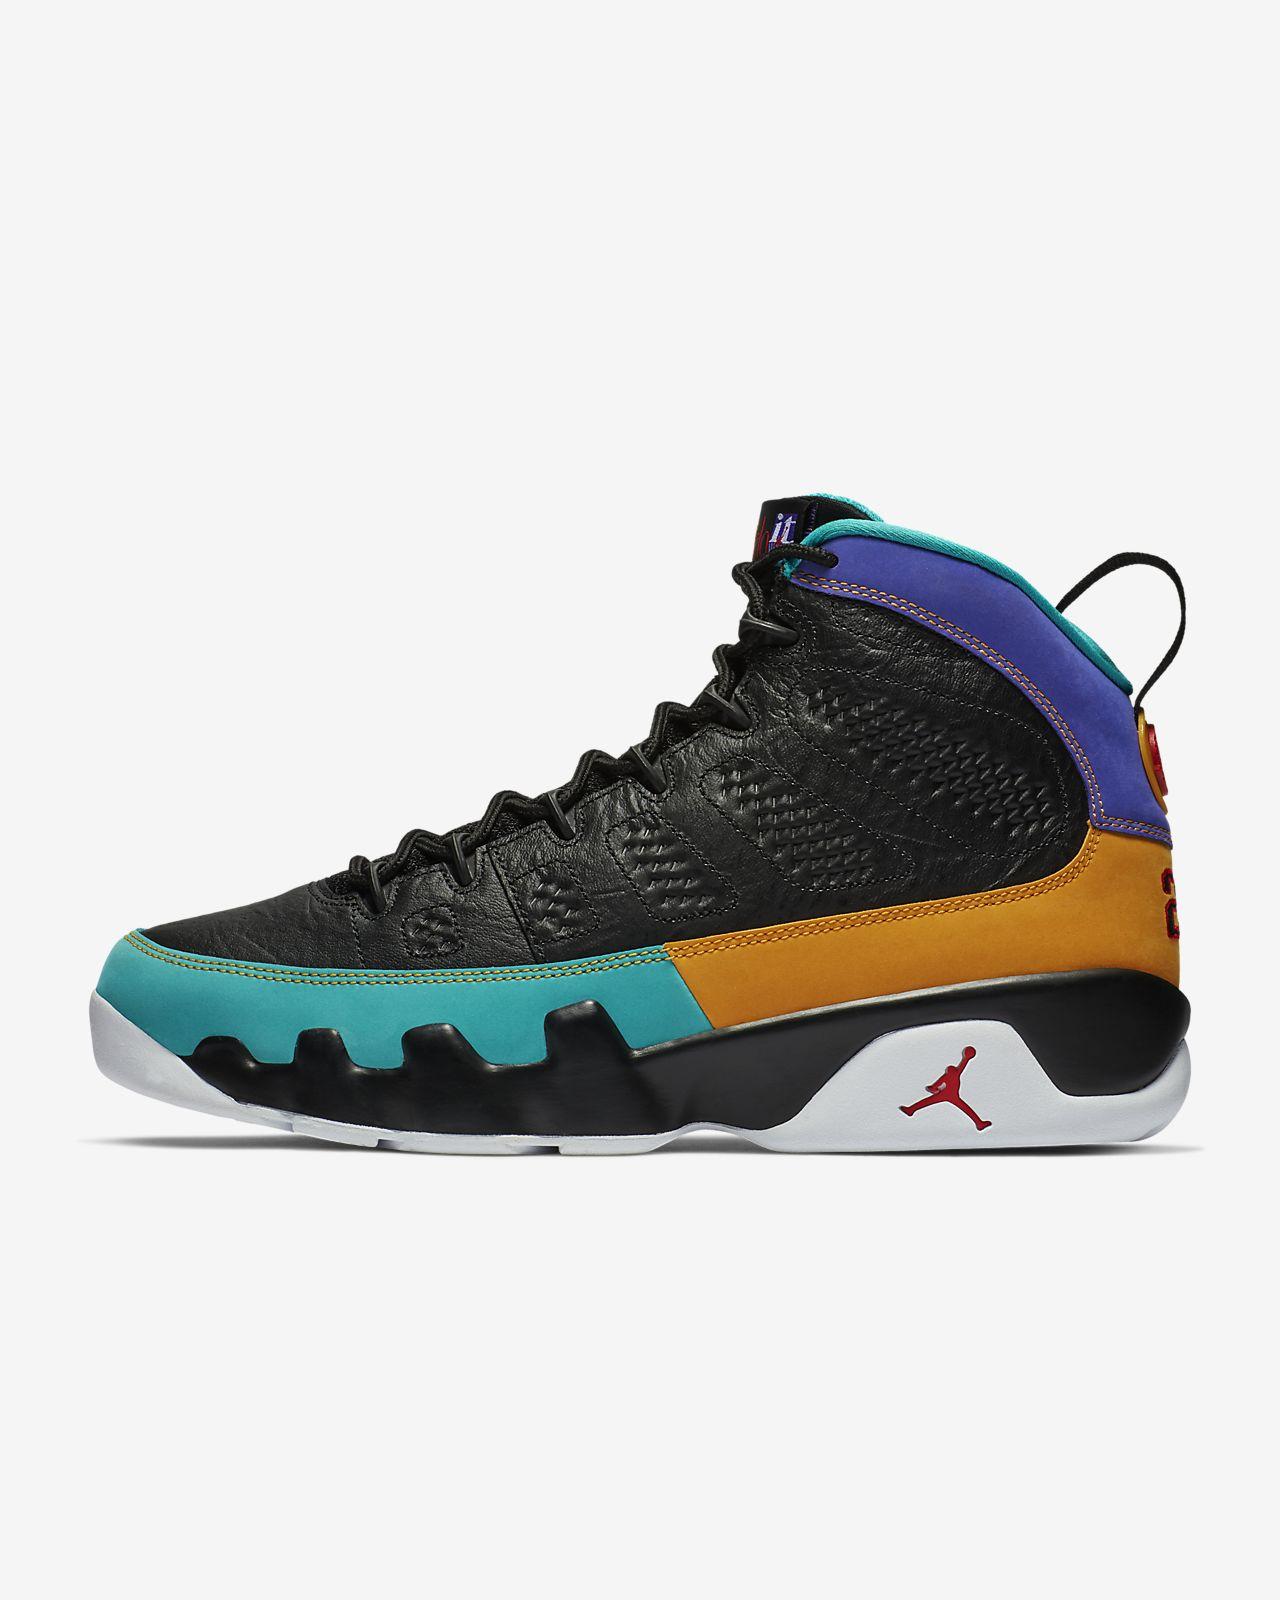 รองเท้าผู้ชาย Air Jordan 9 Retro